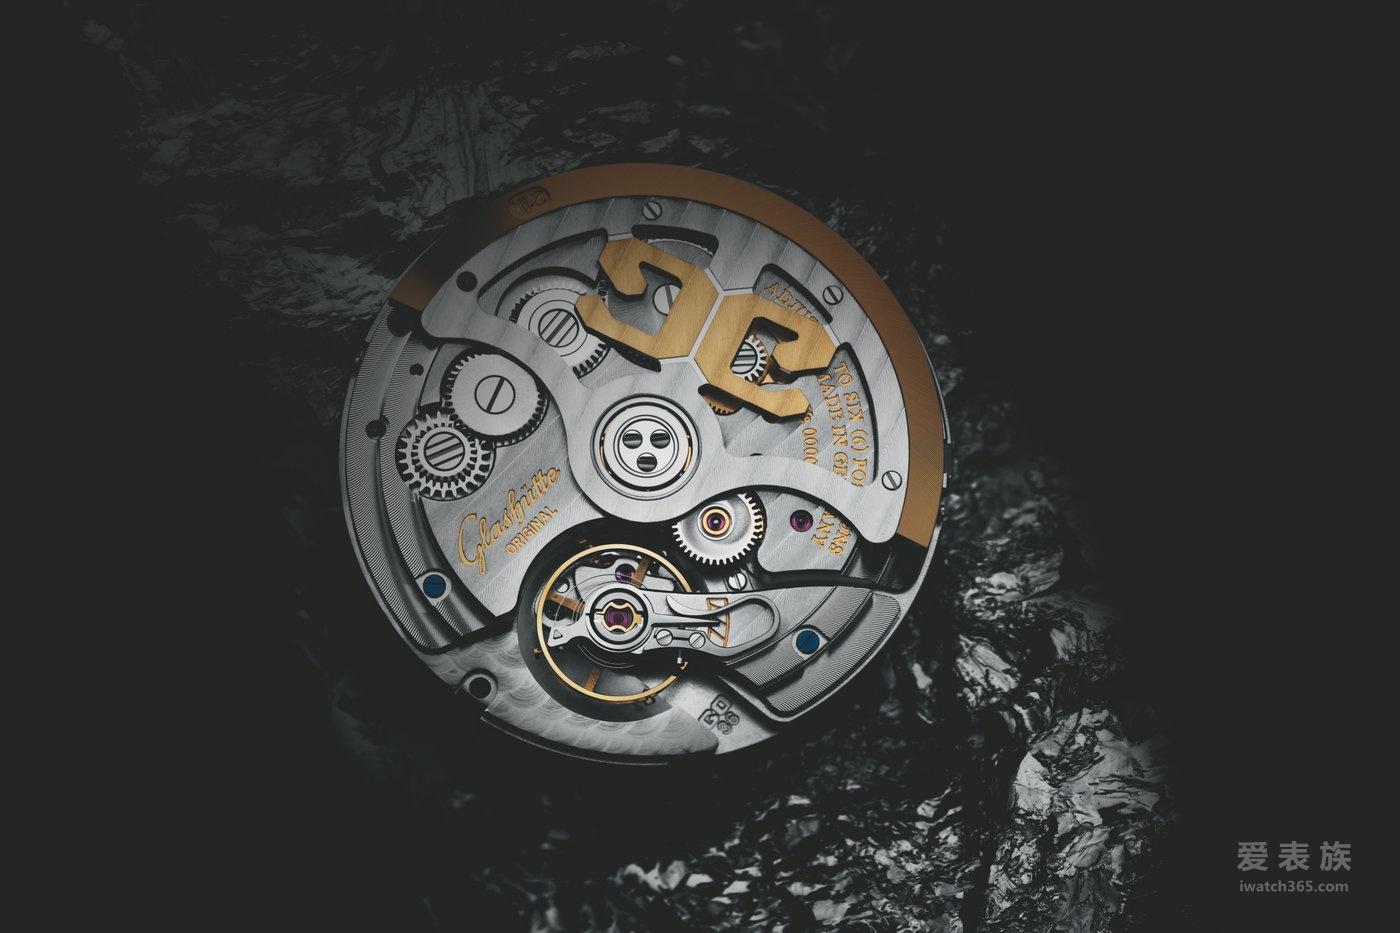 格拉苏蒂原创——时间背后,制表师携手传奇工匠,与你360度神秘解读原创之谜